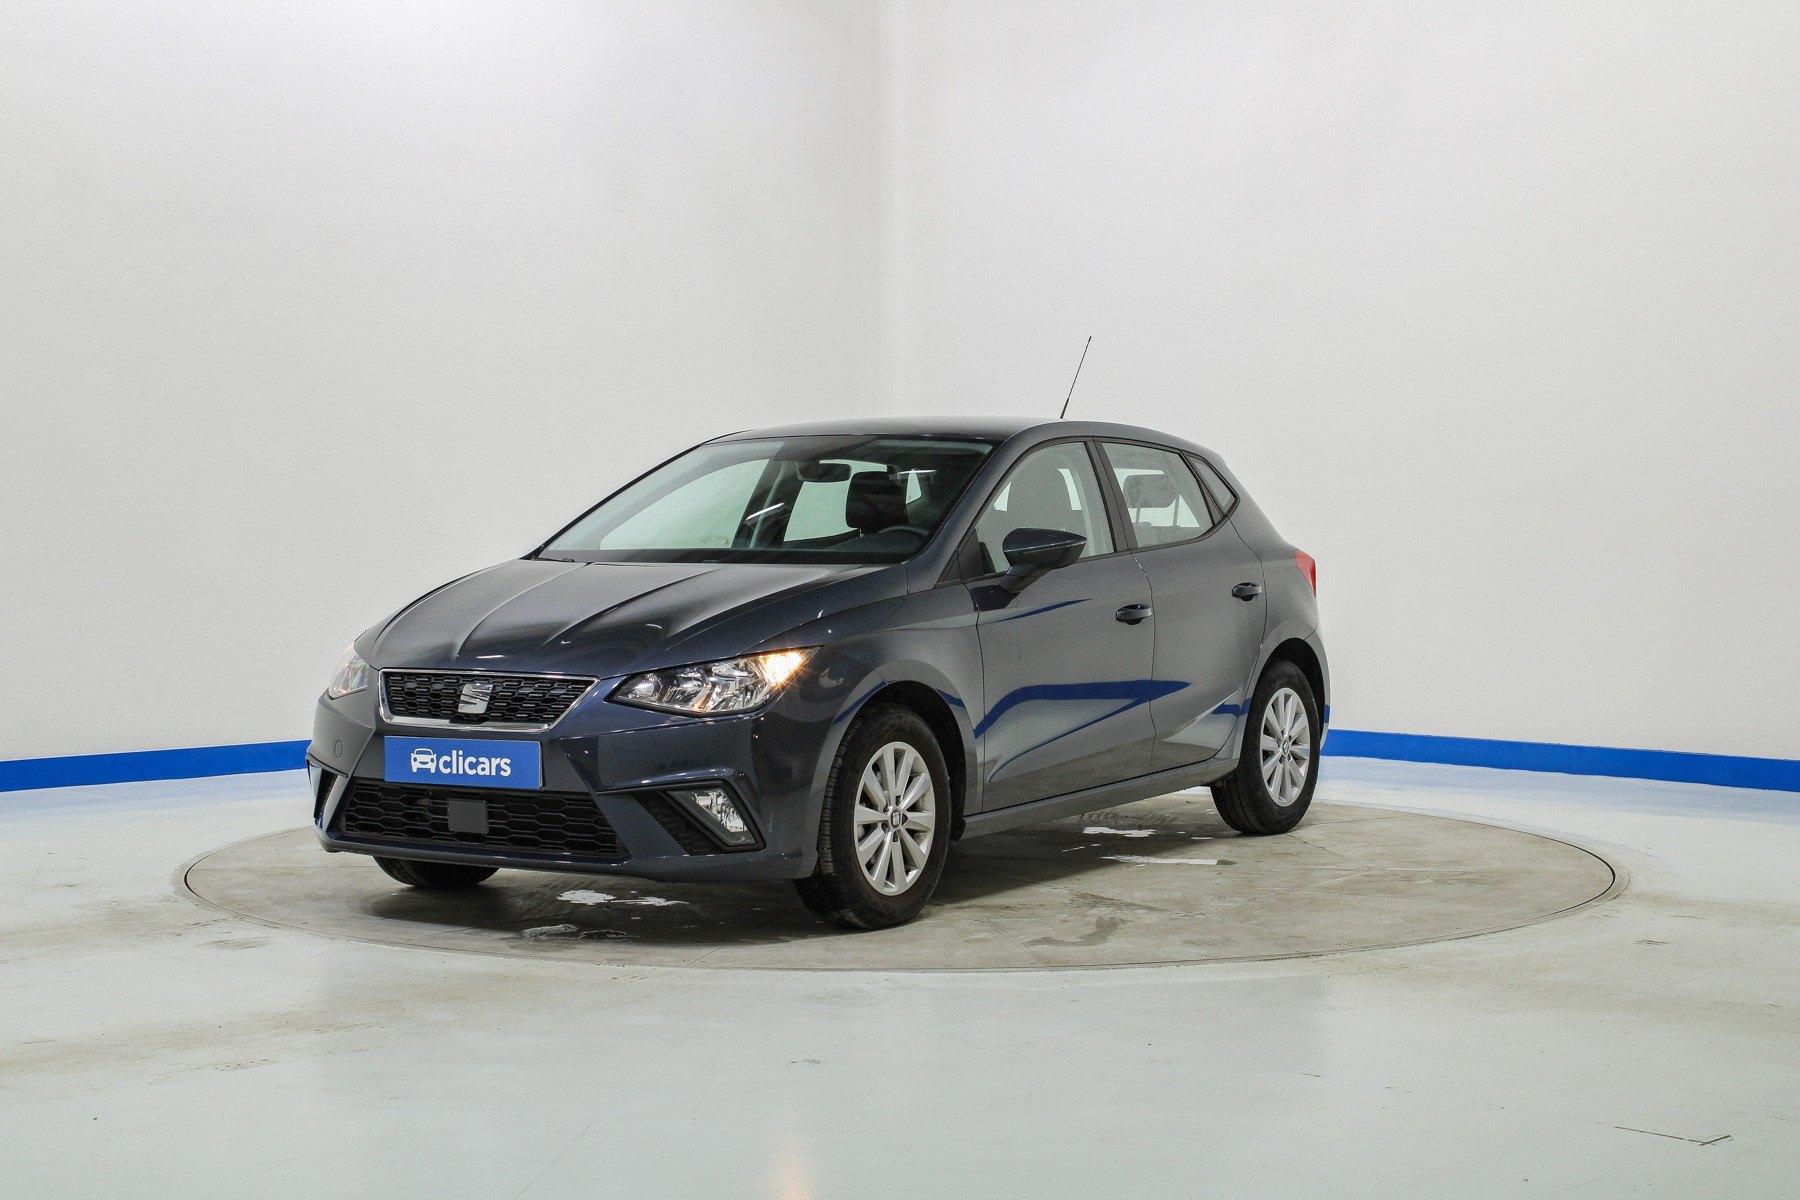 SEAT Ibiza Gasolina 1.0 MPI 59kW (80CV) Style 1